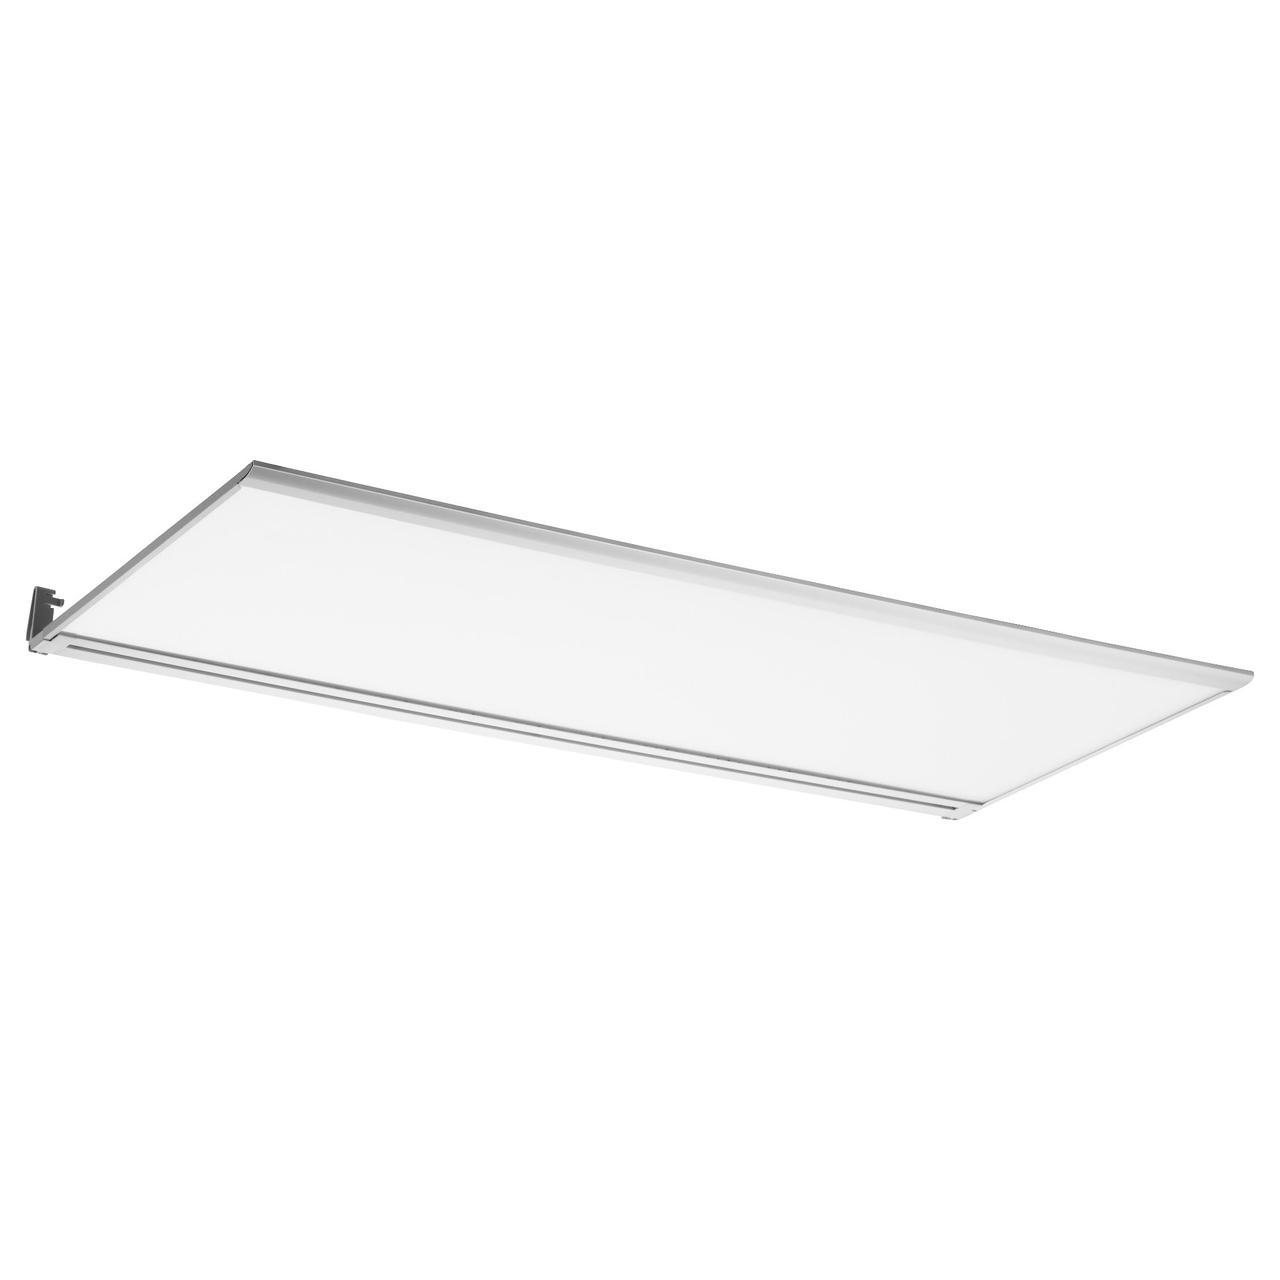 IKEA IRSTA (404.069.51) Светодиодное настольное освещение